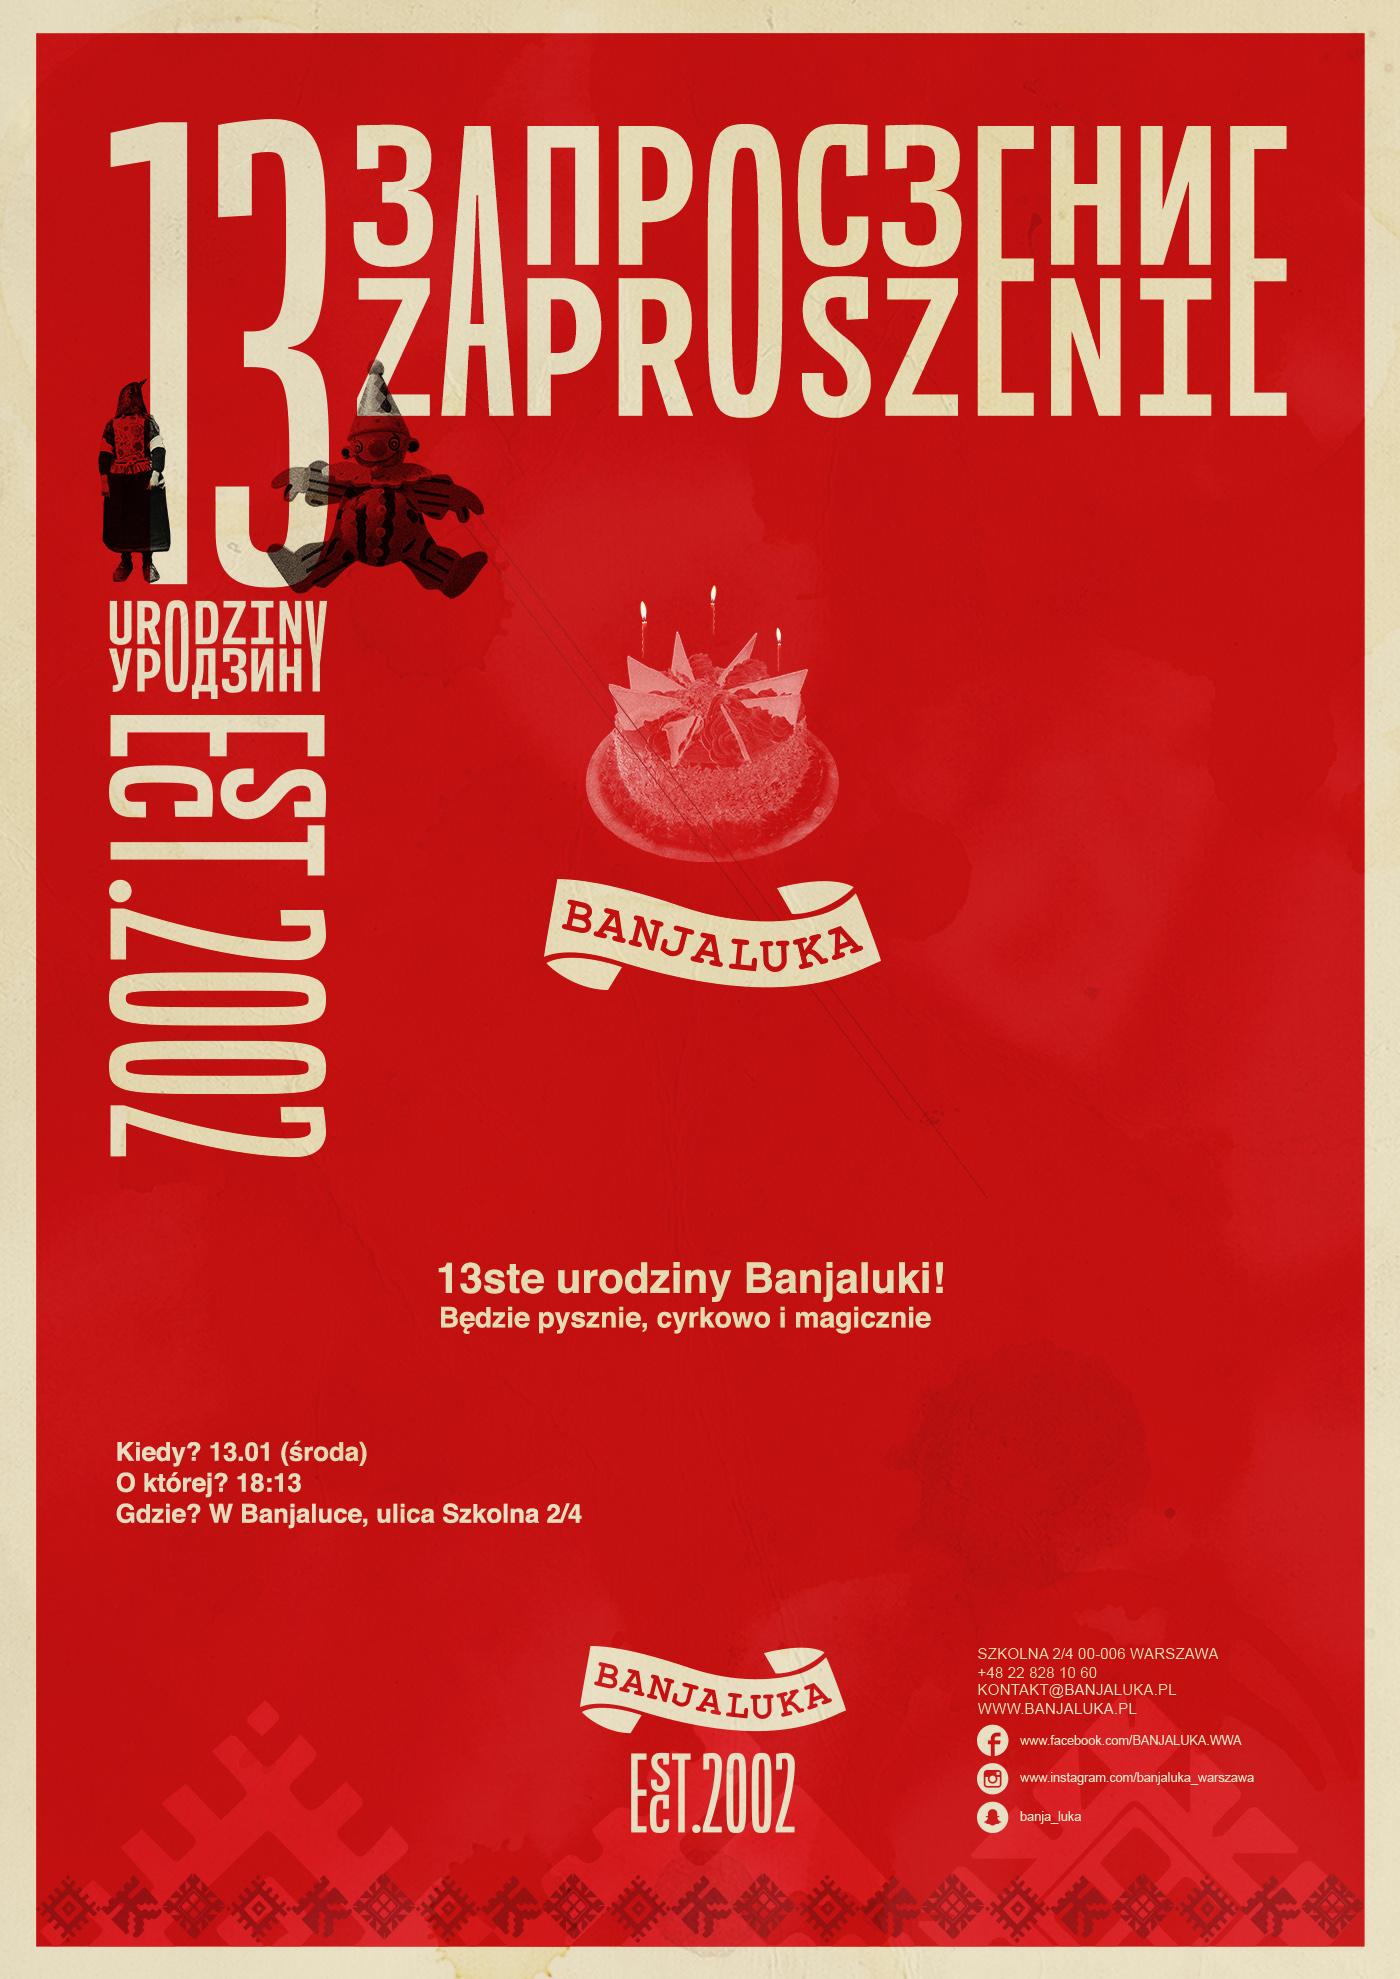 Zaproszenie 13 urodziny Banjaluka